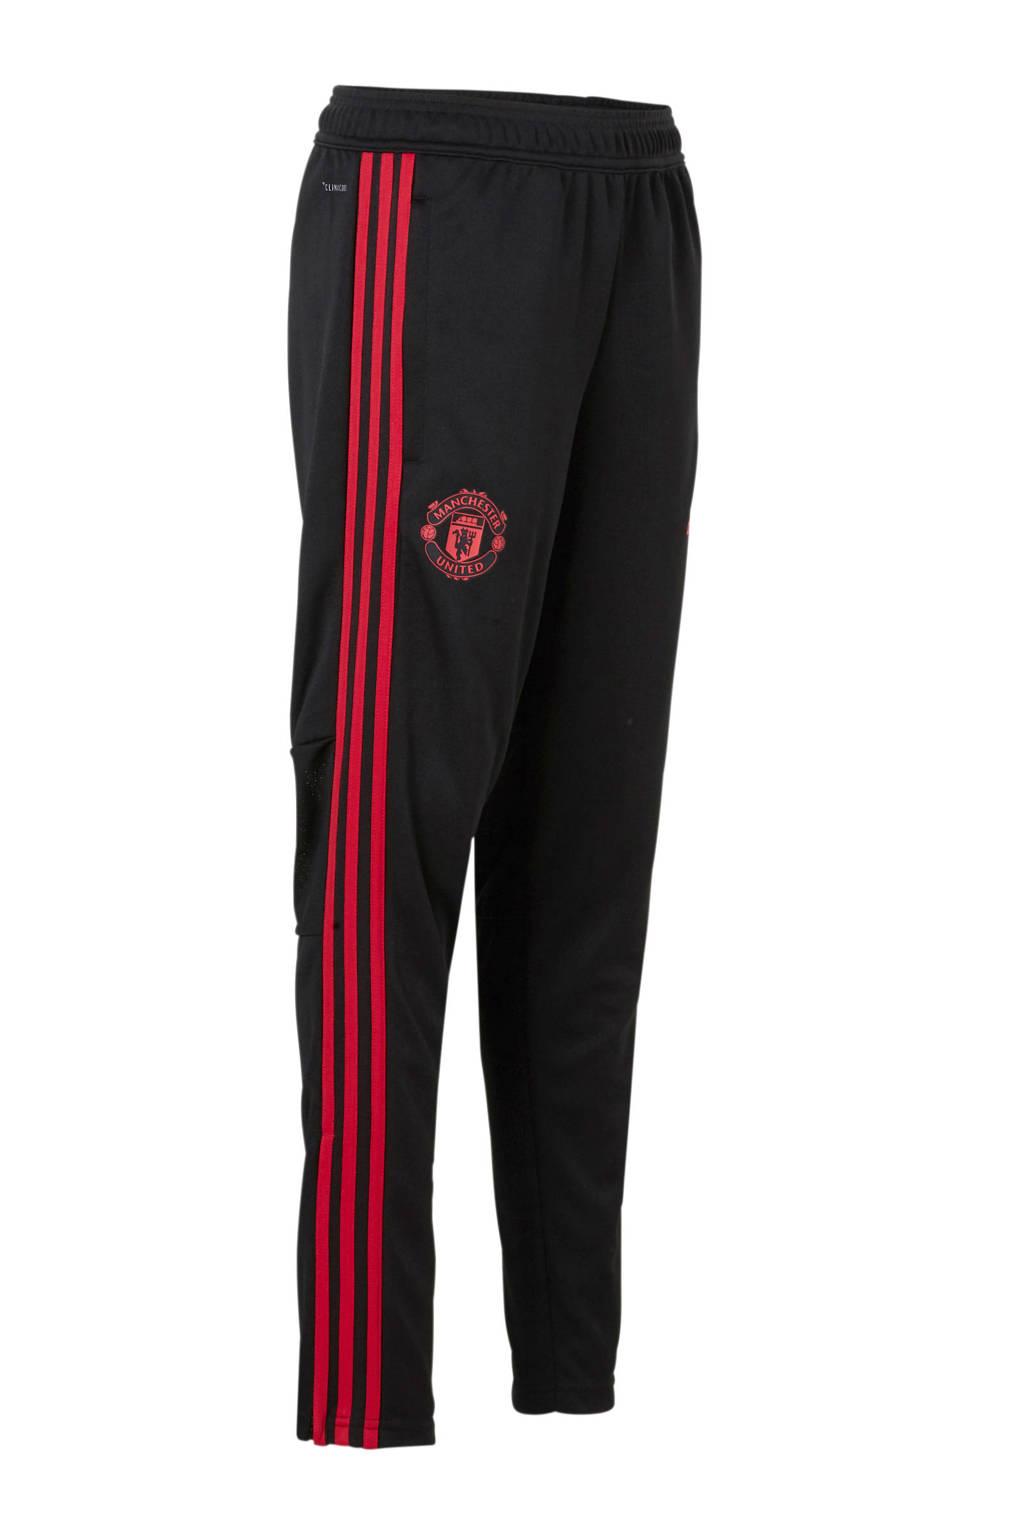 adidas performance Junior Manchester United sportbroek, Zwart/rood